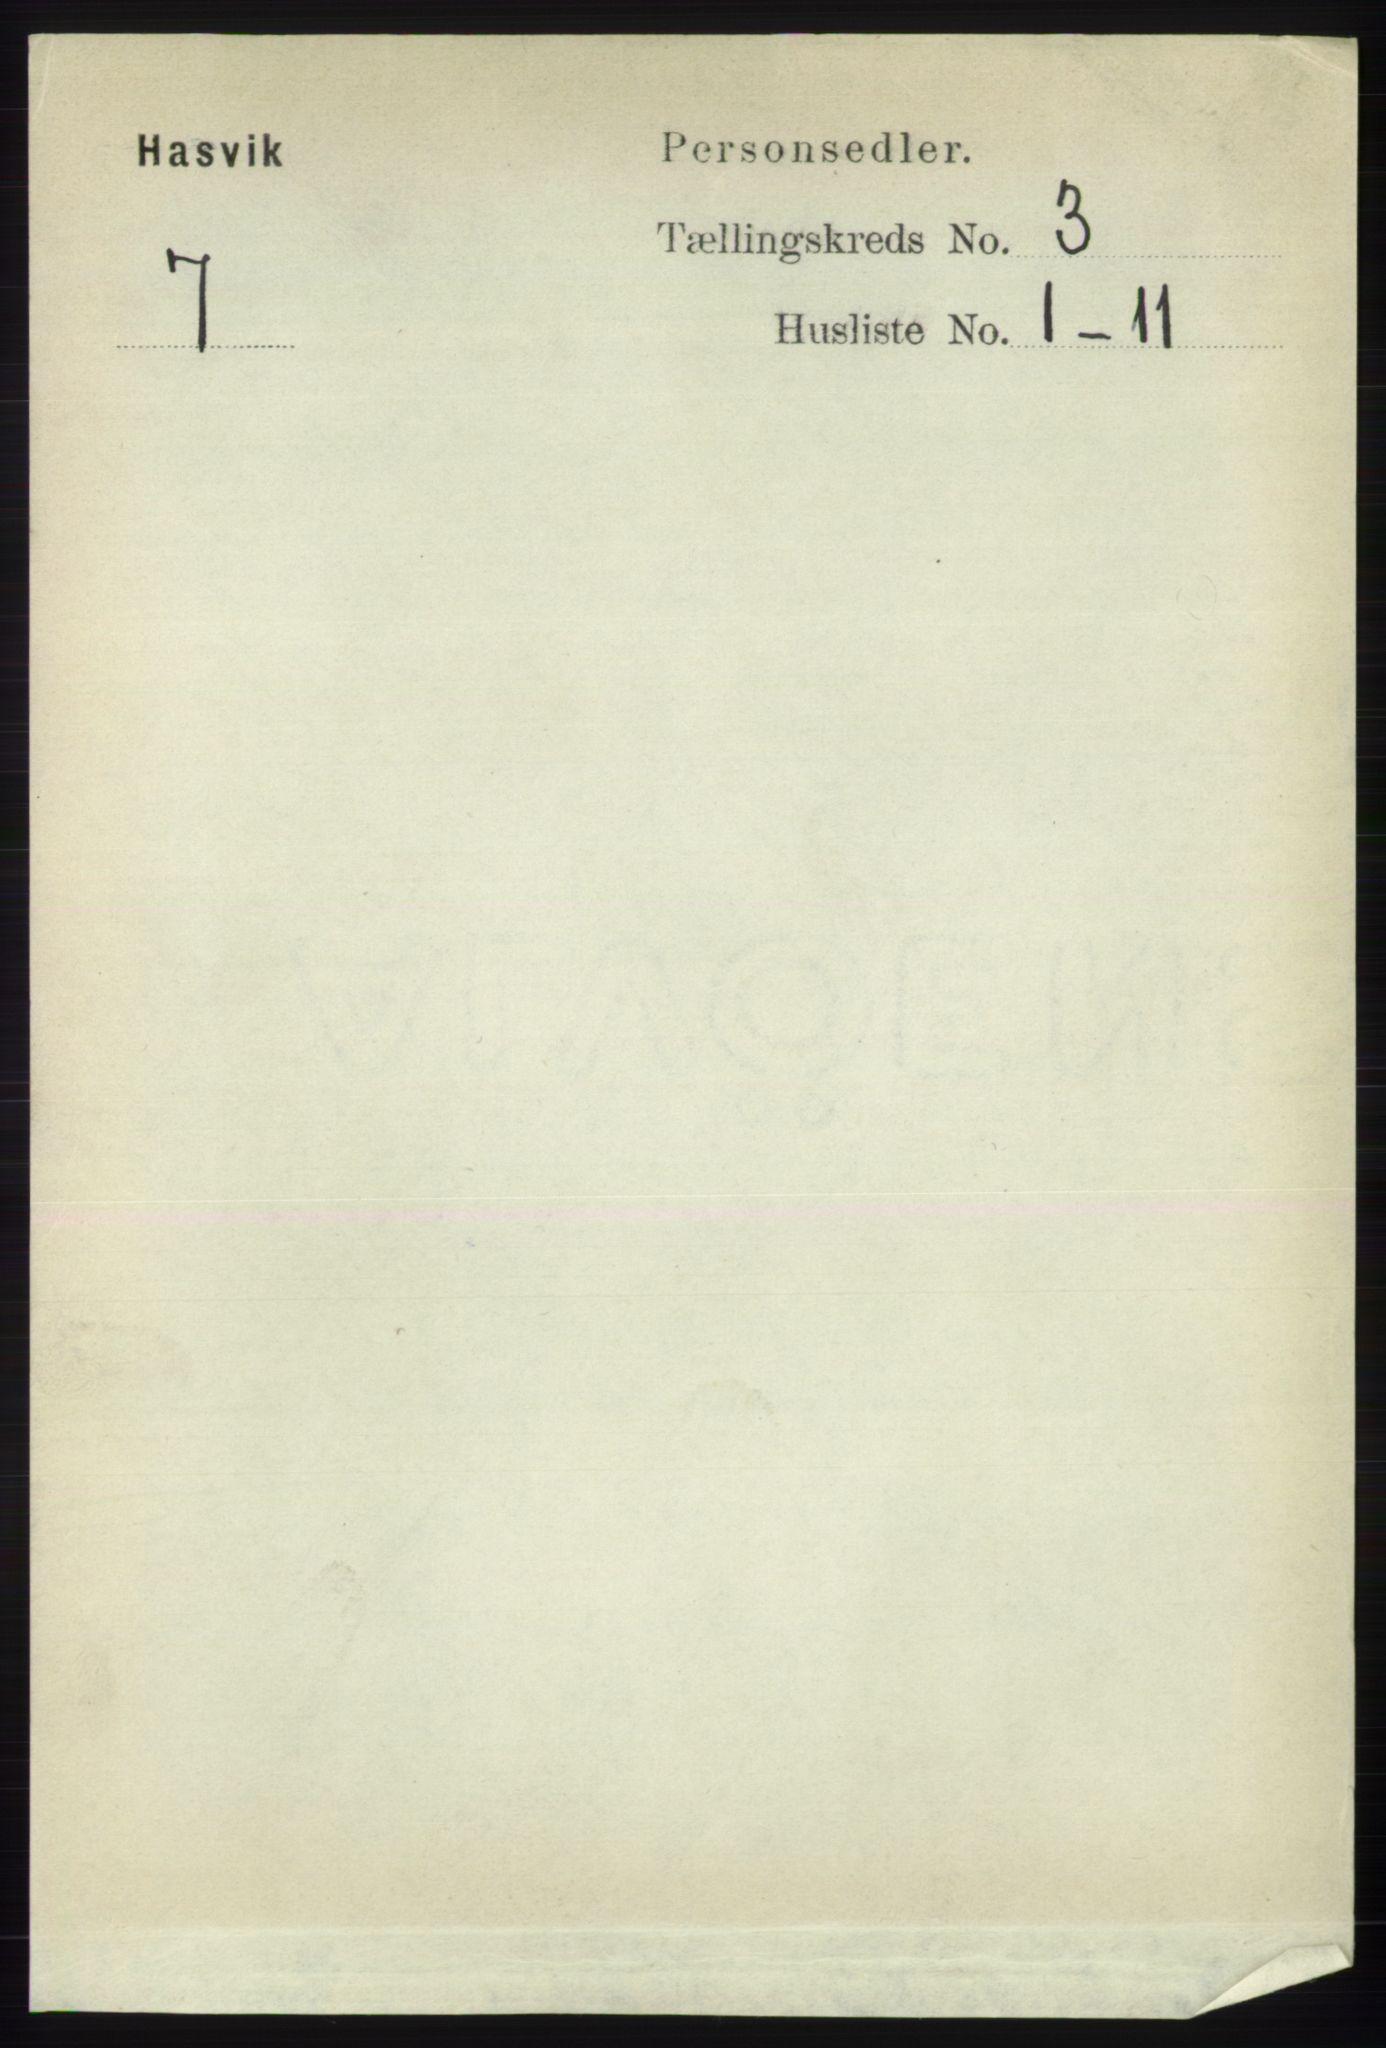 RA, Folketelling 1891 for 2015 Hasvik herred, 1891, s. 400